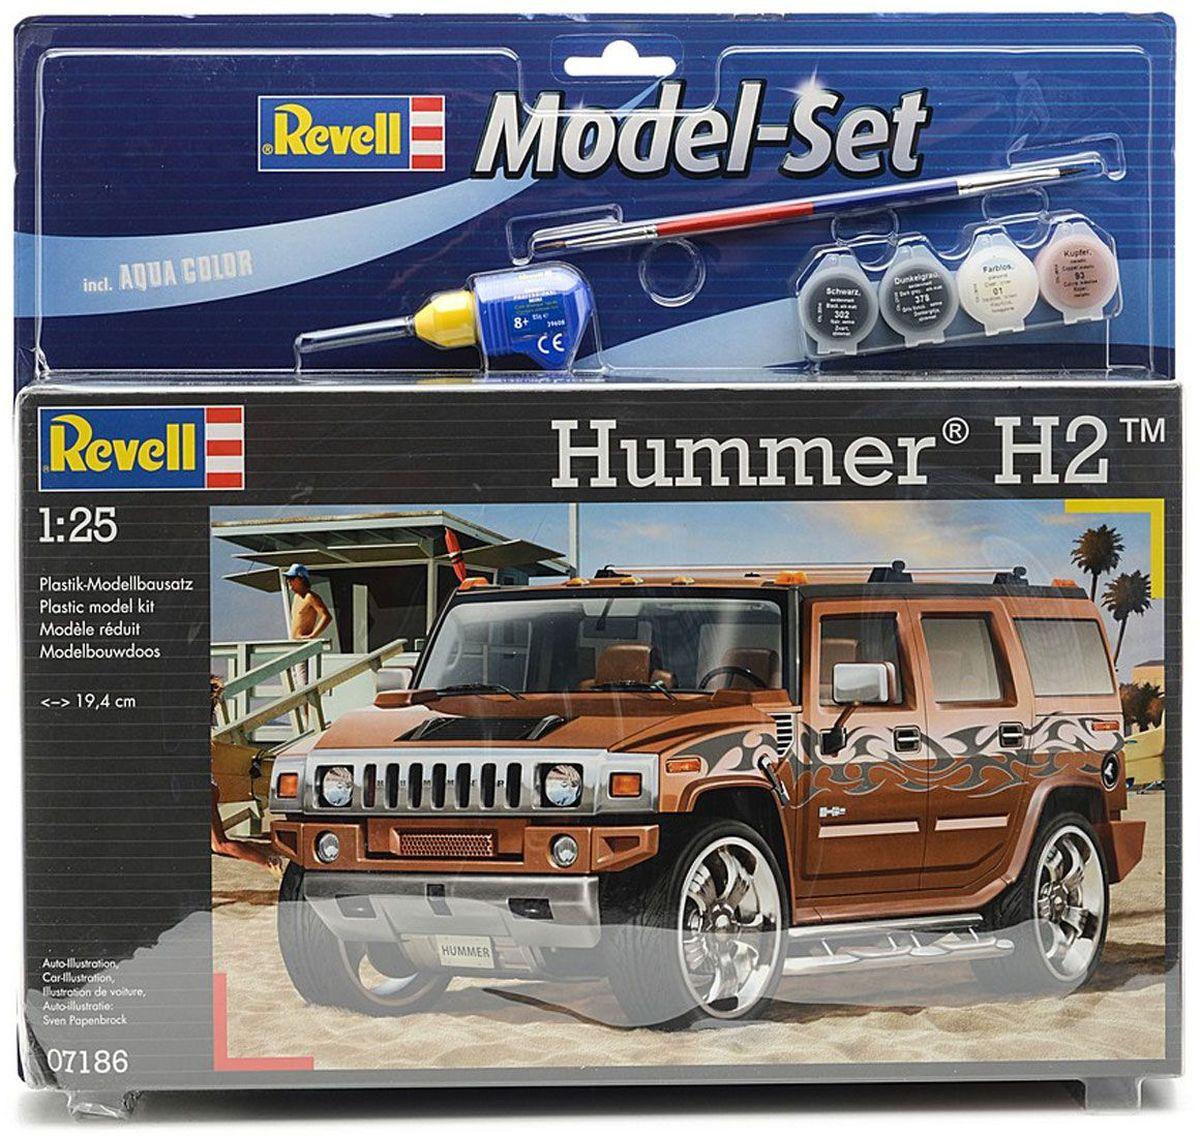 Revell Набор для сборки и раскрашивания модели Автомобиль Hummer H267186Набор для сборки и раскрашивания модели Revell Автомобиль Hummer H2 поможет вам и вашему ребенку познакомиться с моделизмом и своими руками создать уменьшенную копию одноименного автомобиля. Гражданская версия военного внедорожника выпускалась с 2002 по 2009 год, в том числе в Калининграде. На данный момент серийное производство свернуто. Набор включает в себя 87 пластиковых элементов для сборки модели, краски 4 цветов (прозрачный 01, матовый темно-серый 378, медный металлик 93 и матовый черный 302), клей, двустороннюю кисточку и схематичную инструкцию по сборке. Благодаря набору ваш ребенок научится различать цвета, творчески решать поставленные задачи, разовьет интеллектуальные и инструментальные способности, воображение, конструктивное мышление, внимание, терпение и кругозор. Уровень сложности: 3.